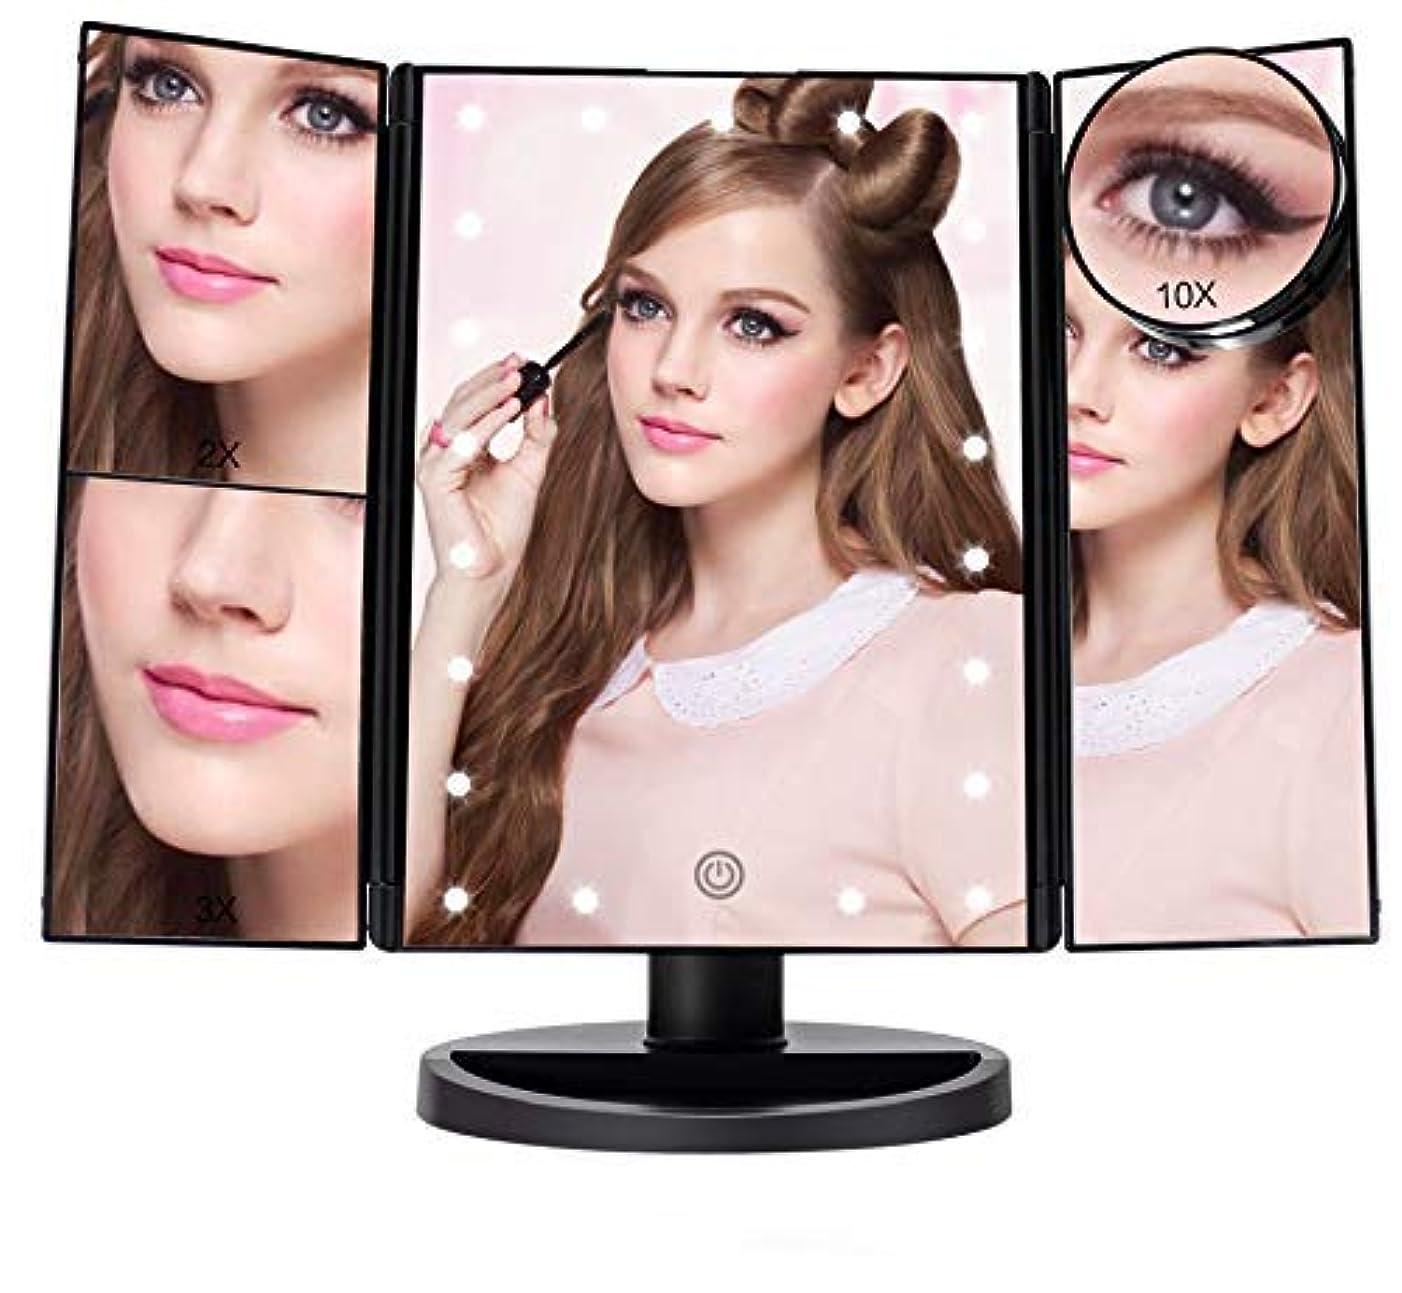 スタジオバスルーム言語FASCINATE 化粧鏡 化粧ミラー 鏡 女優ミラー 拡大鏡 2&3&10倍 明るさ調節可能 USB電池給電 (ブラック)